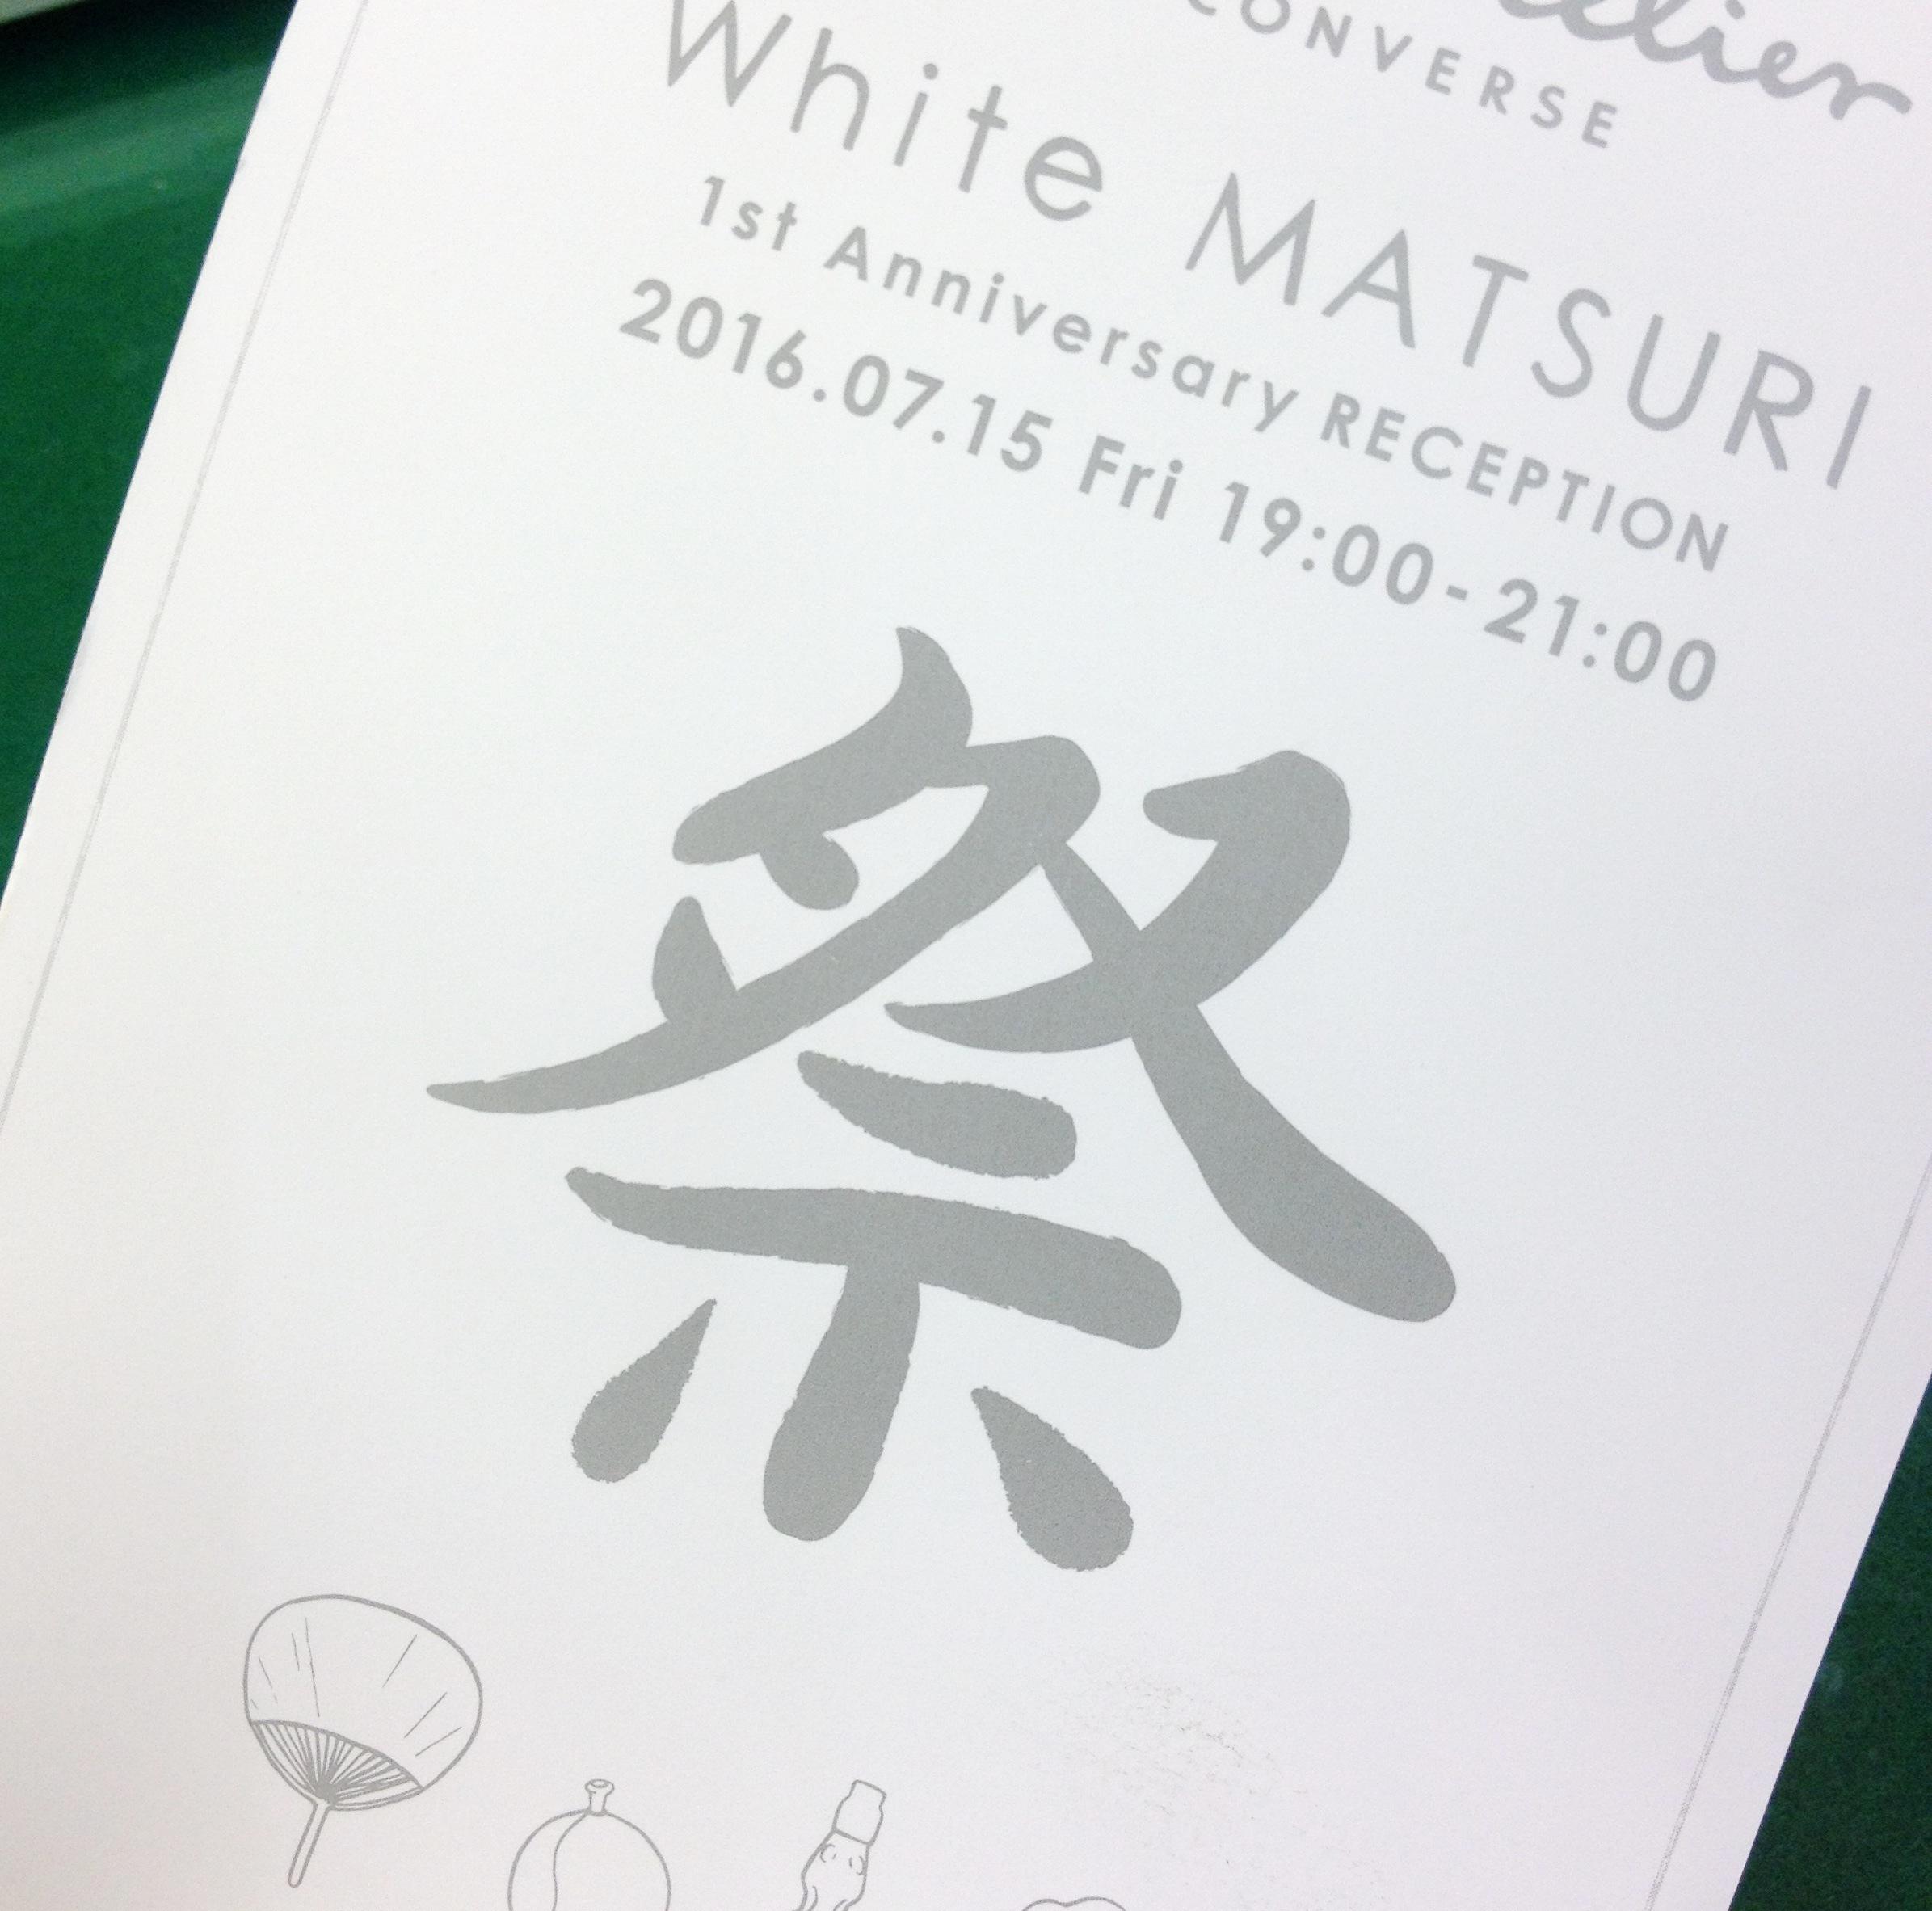 【祝1周年!】White atelier BY CONVERSEの<br />「ホワイト祭」に行ってみた!